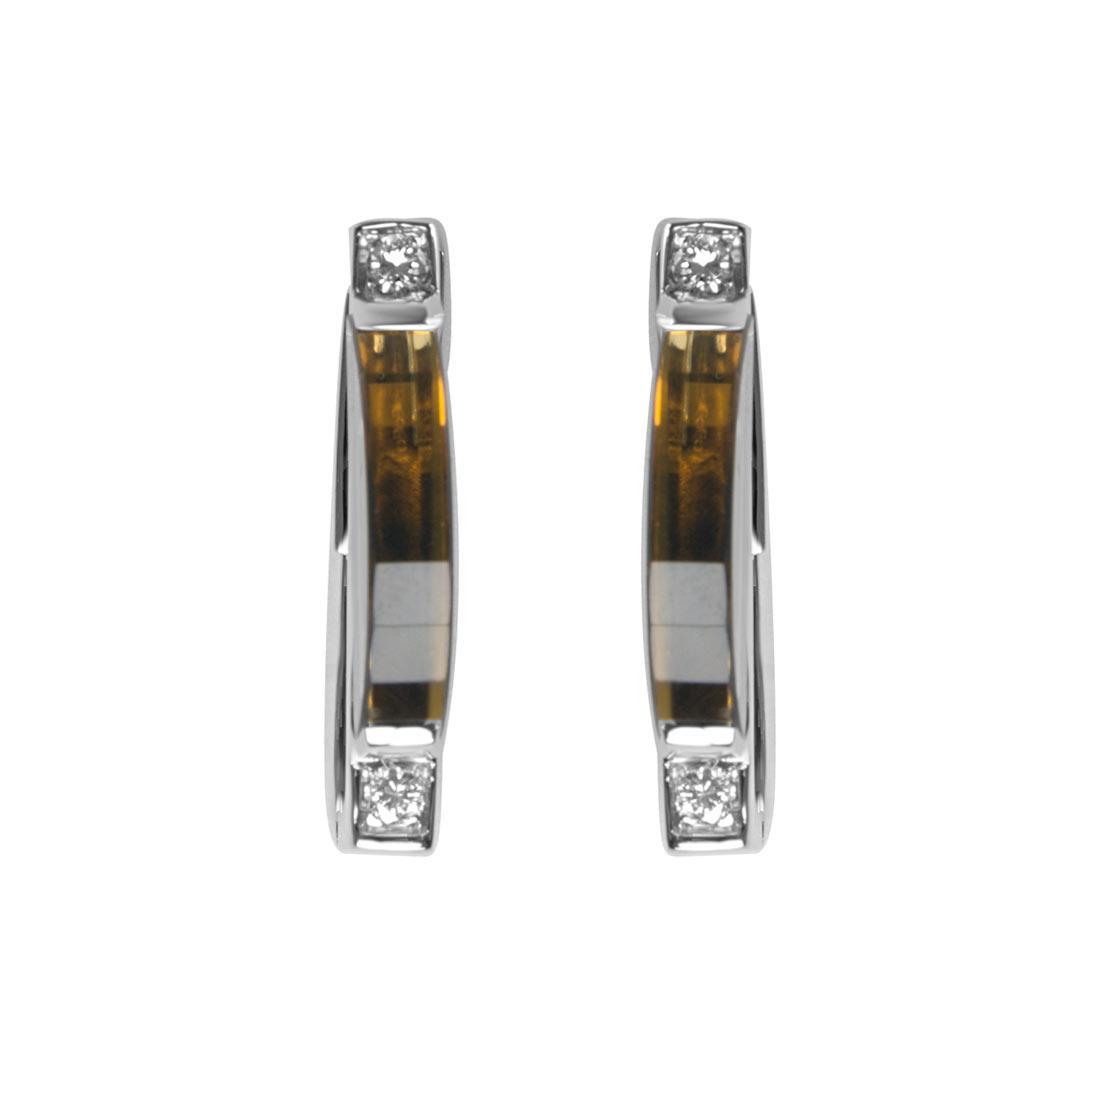 Orecchini in oro bianco con diamanti e pietre semipreziose - ORO&CO